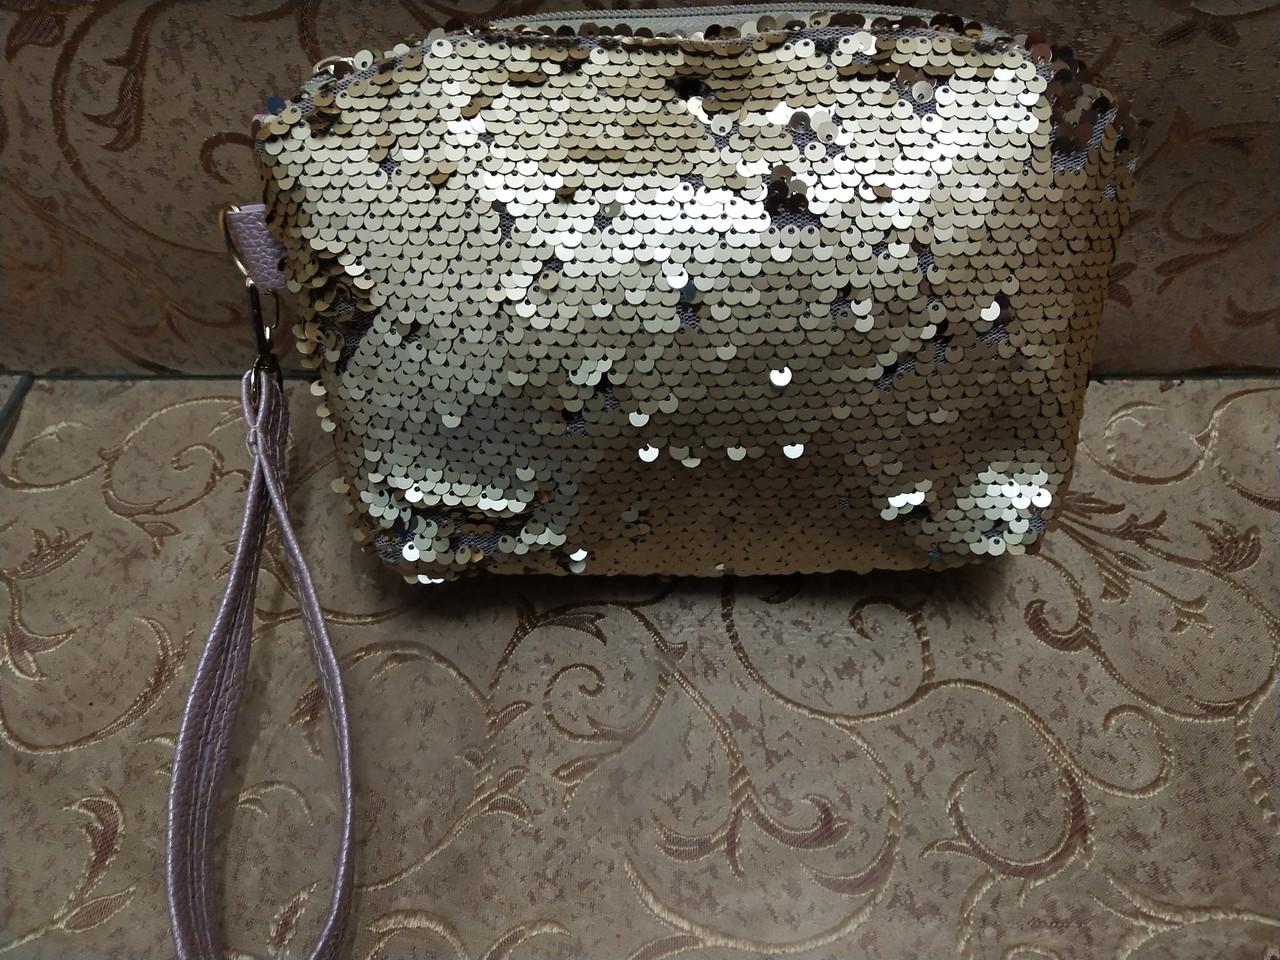 Женские кошельки паетками стильный сделано в Укриана только ОПТ